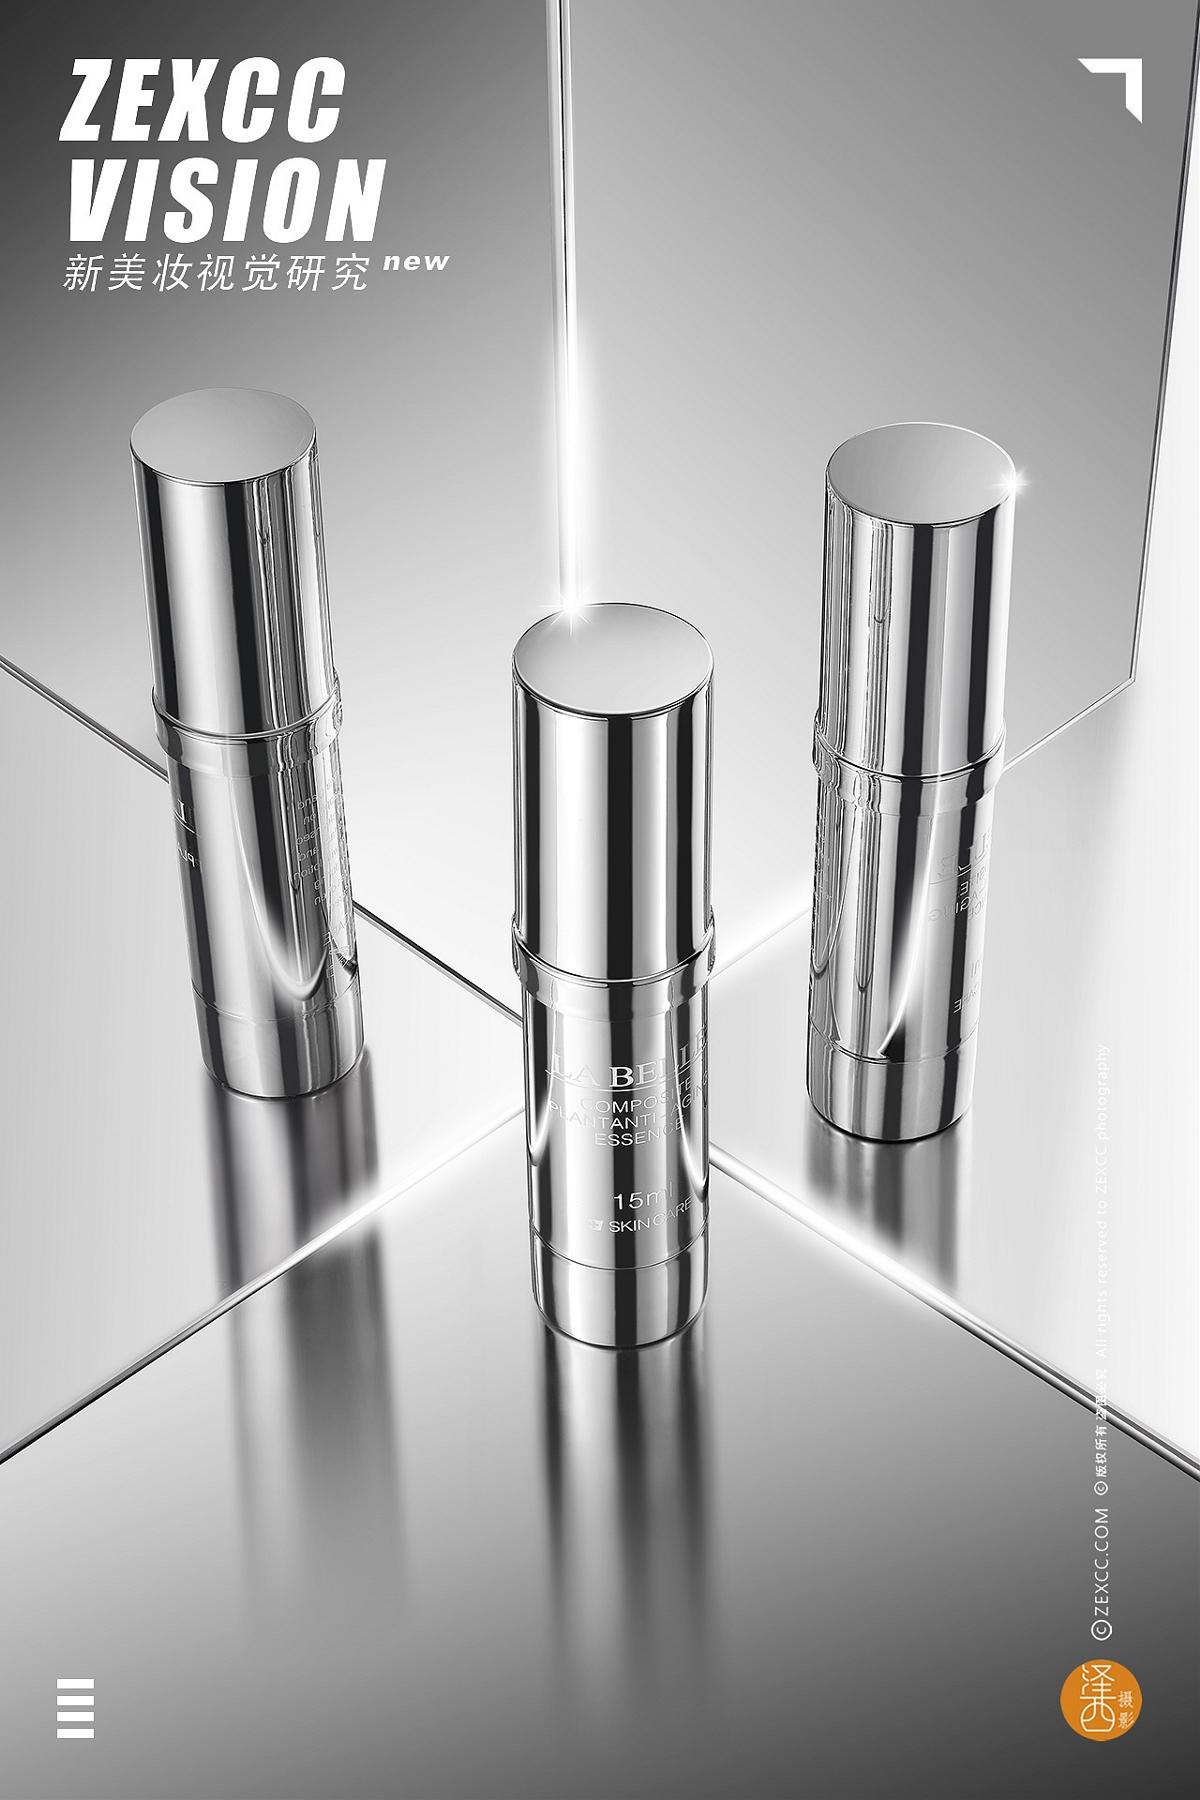 莱贝尔 ✖ 泽西摄影 | 新美妆视觉研究